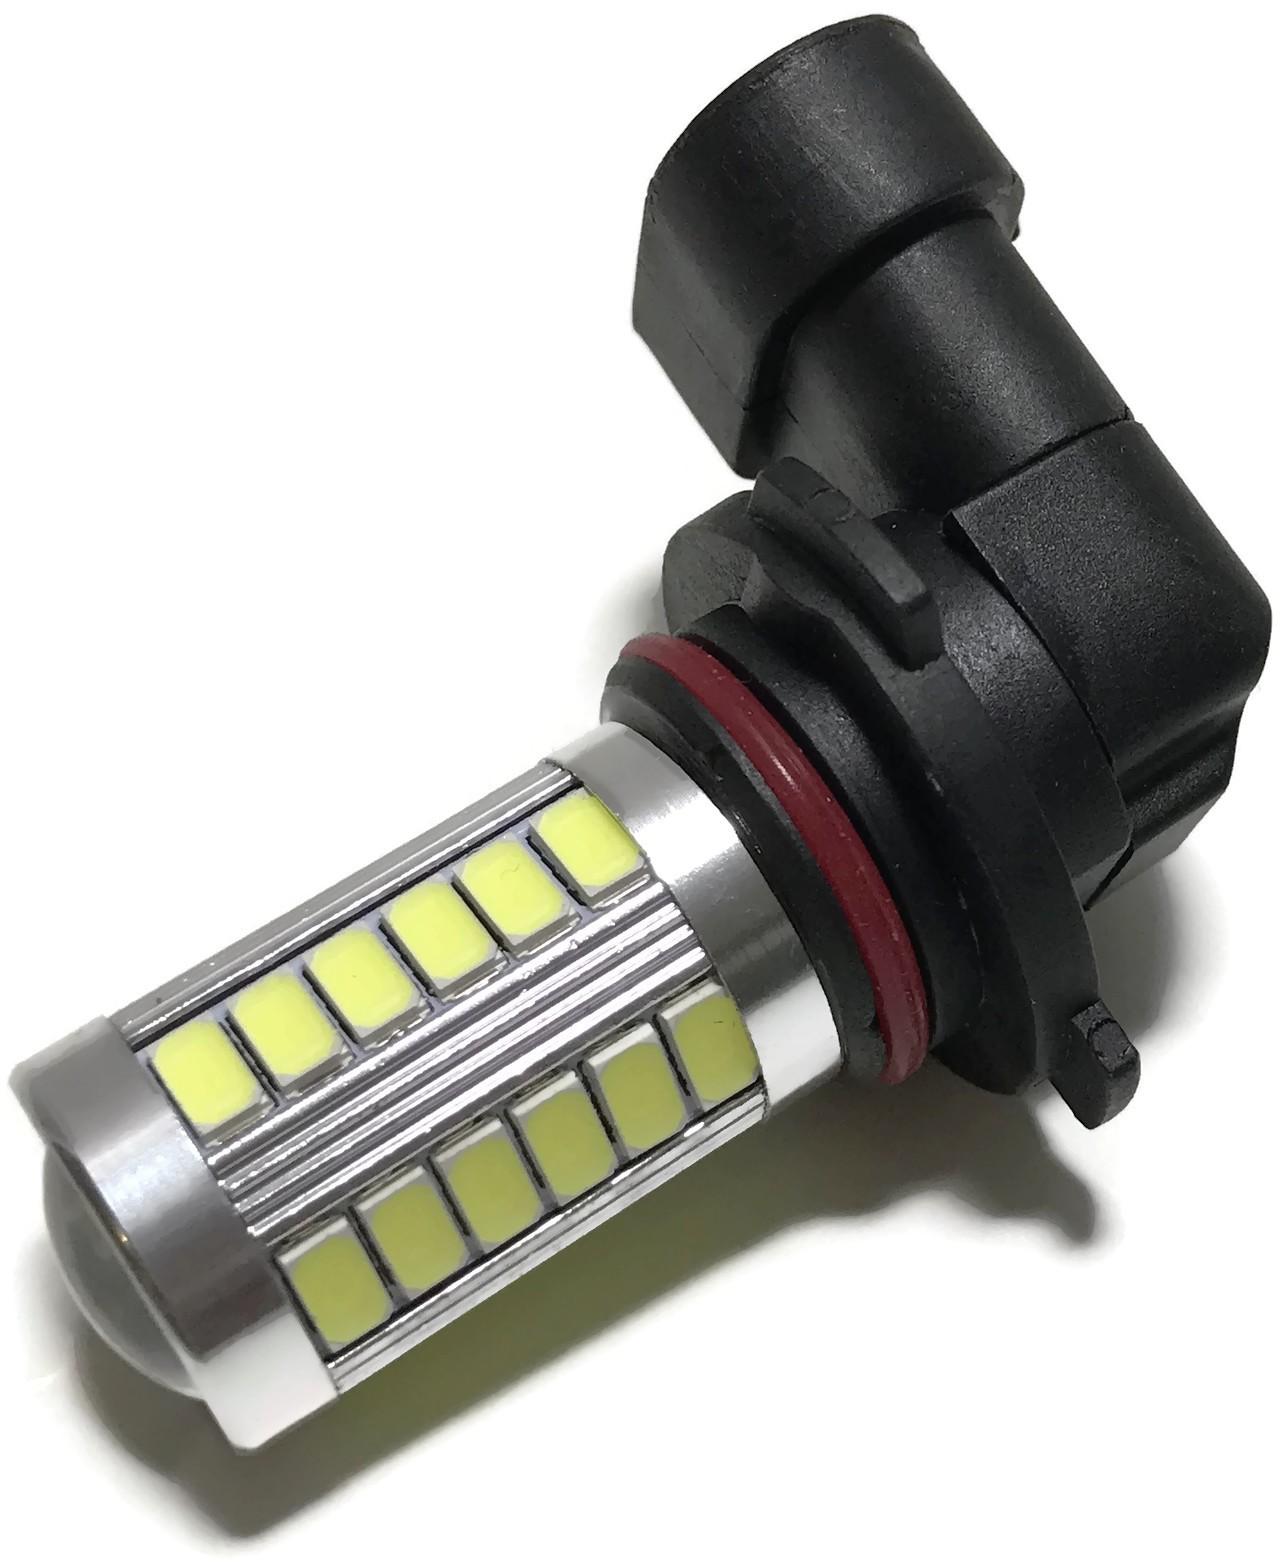 ŻARÓWKA LED HB4 9006 SMD 5630 ŚWIATŁA DZIENNE 12V